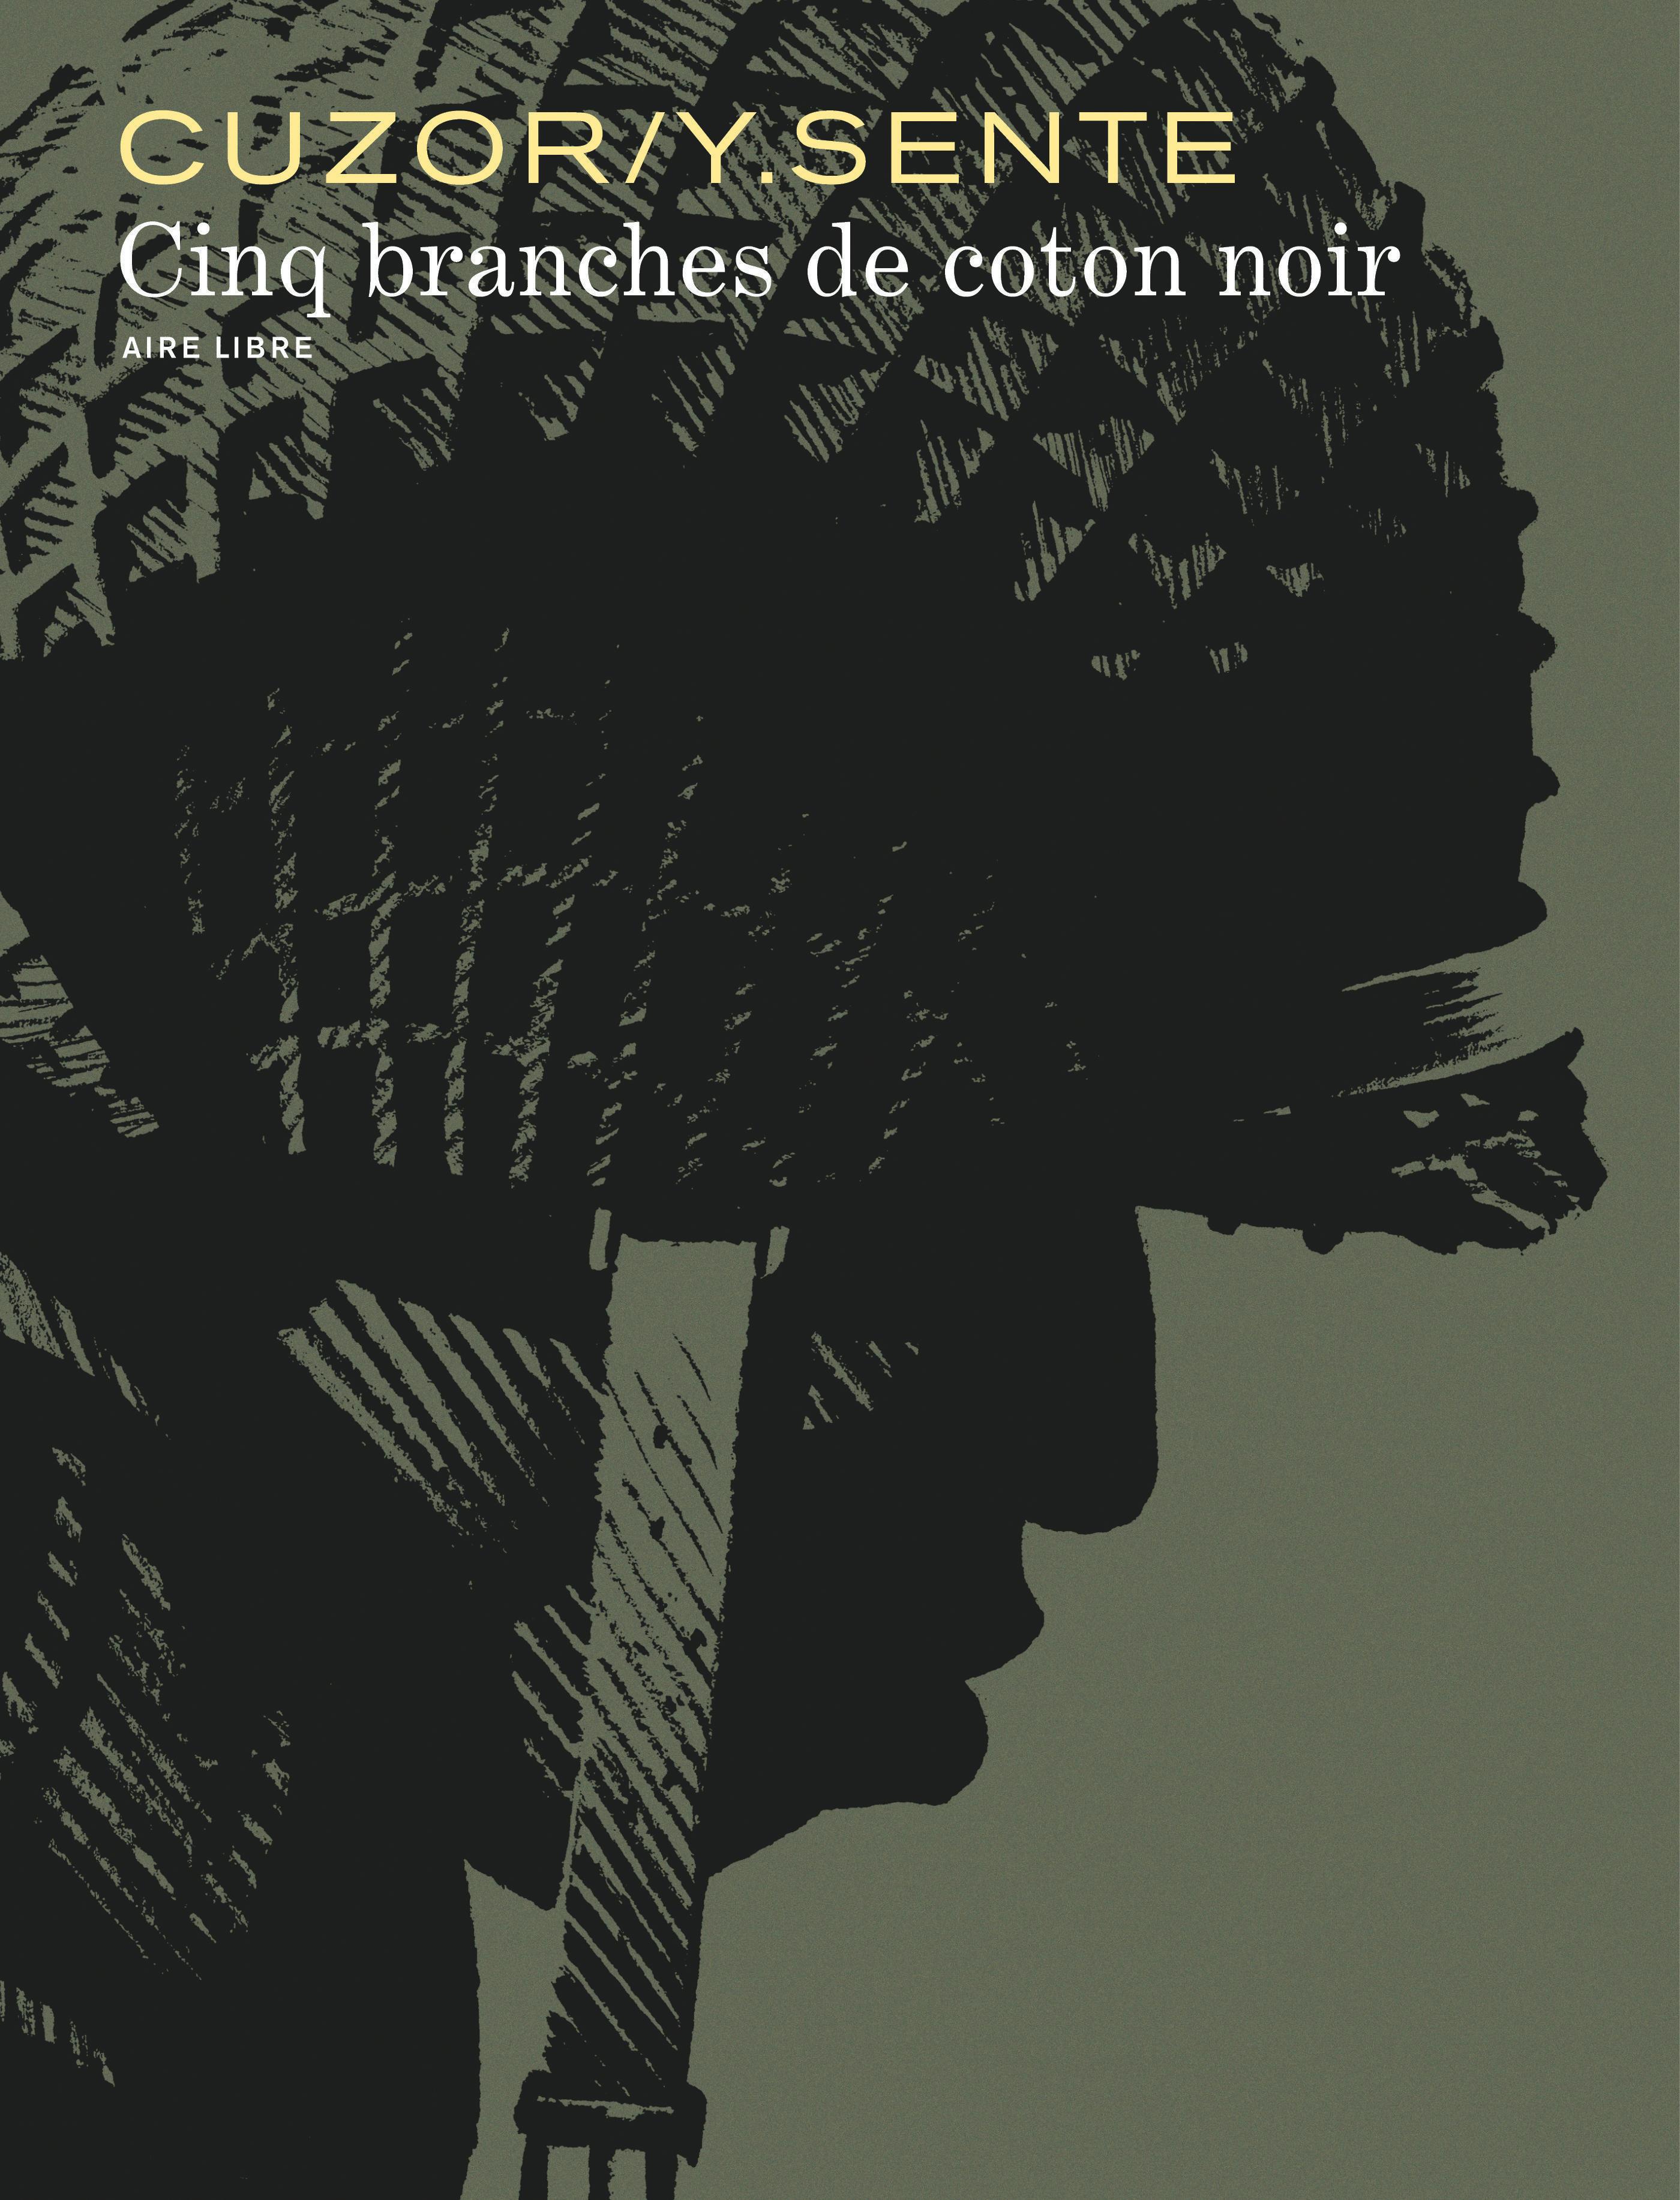 CINQ BRANCHES DE COTON NOIR - TOME 0 - CINQ BRANCHES DE COTON NOIR (EDITION AUGMENTEE)